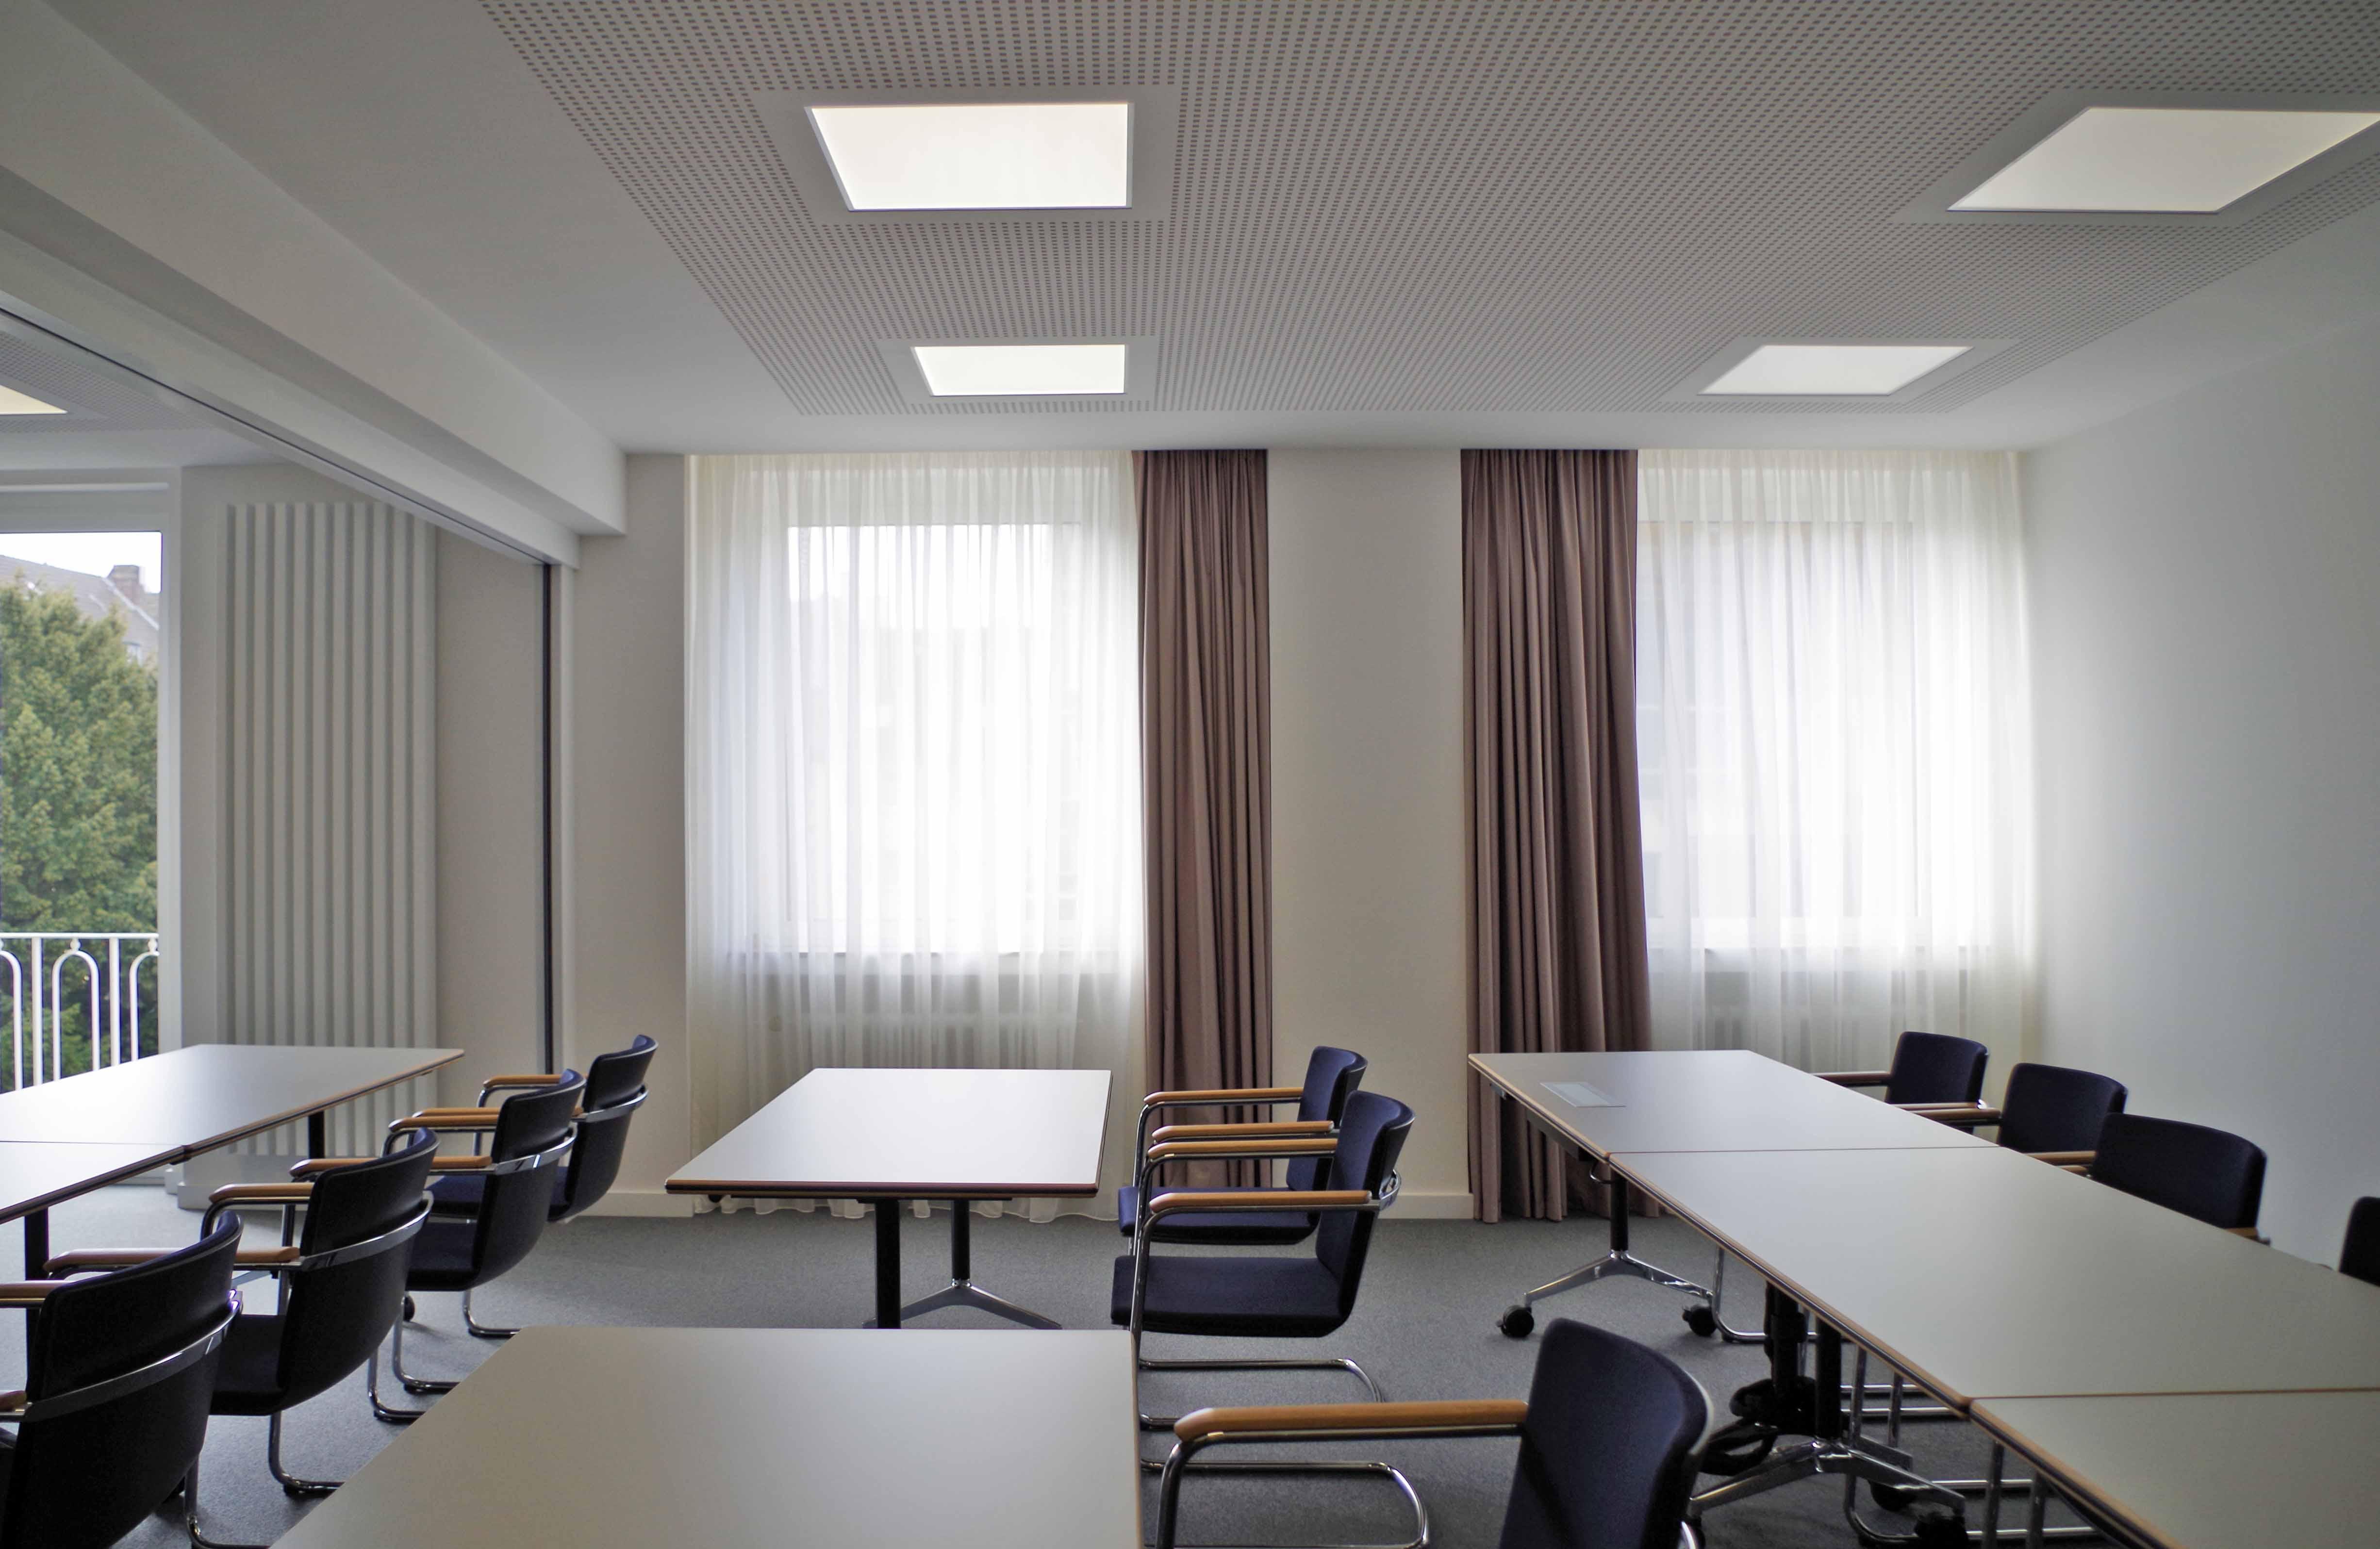 Verwaltungsgebäude_Köln_13.jpg